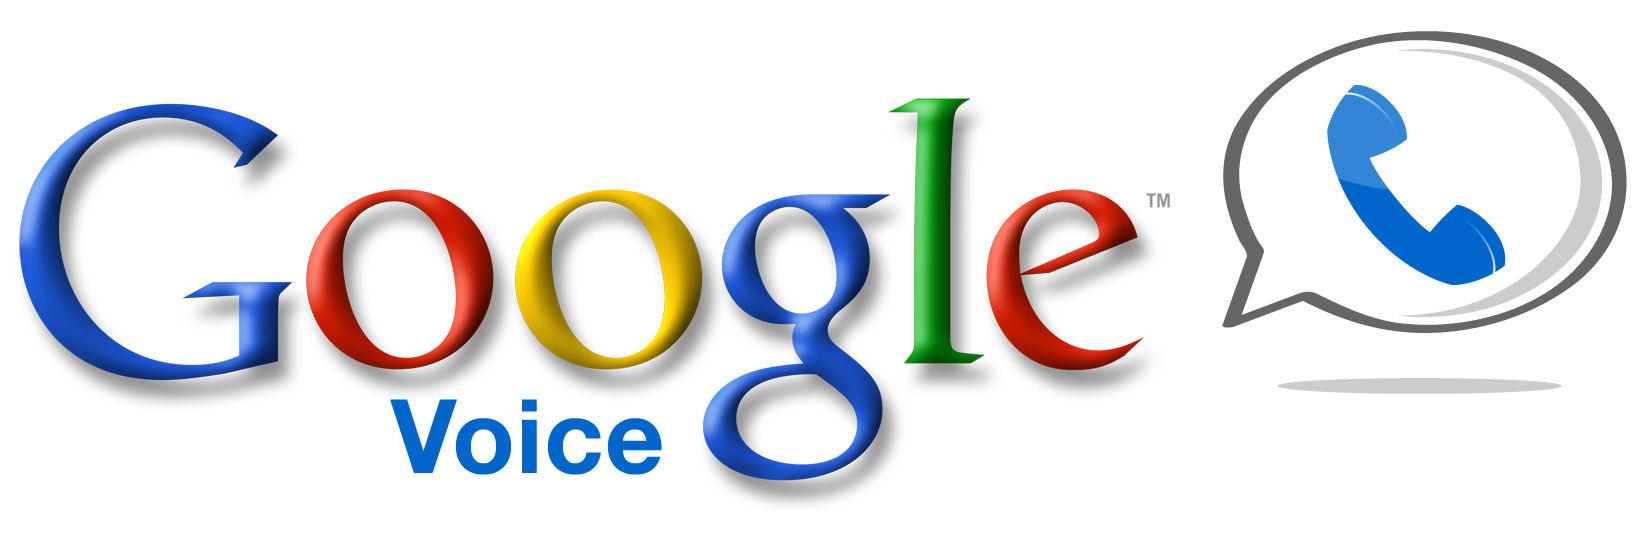 GoogleVoice Logo